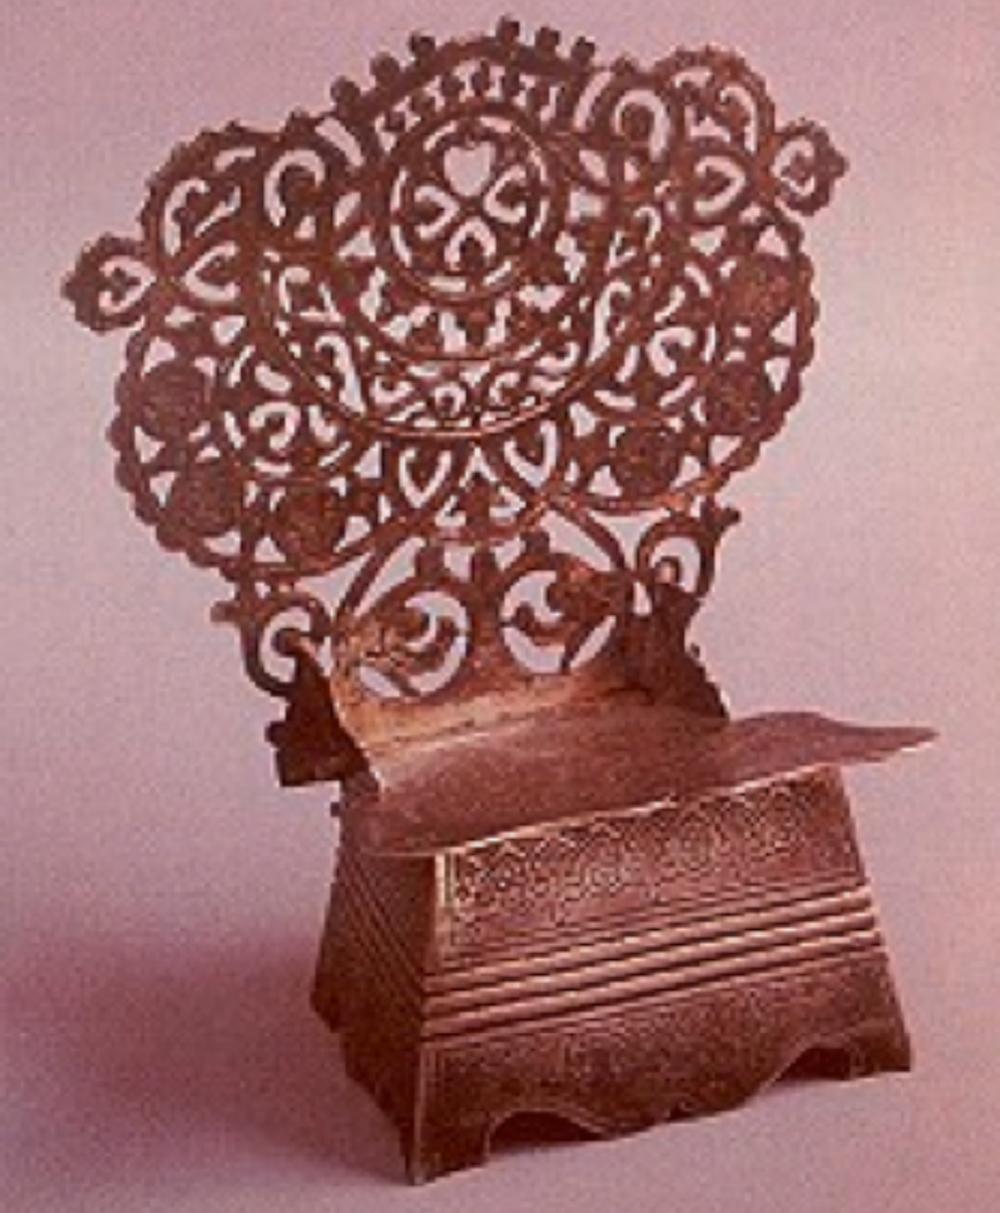 Resim 4. Tuzluk. B. örnek 1891 yılında. Moskova'da üretilmiş bir eserdir.